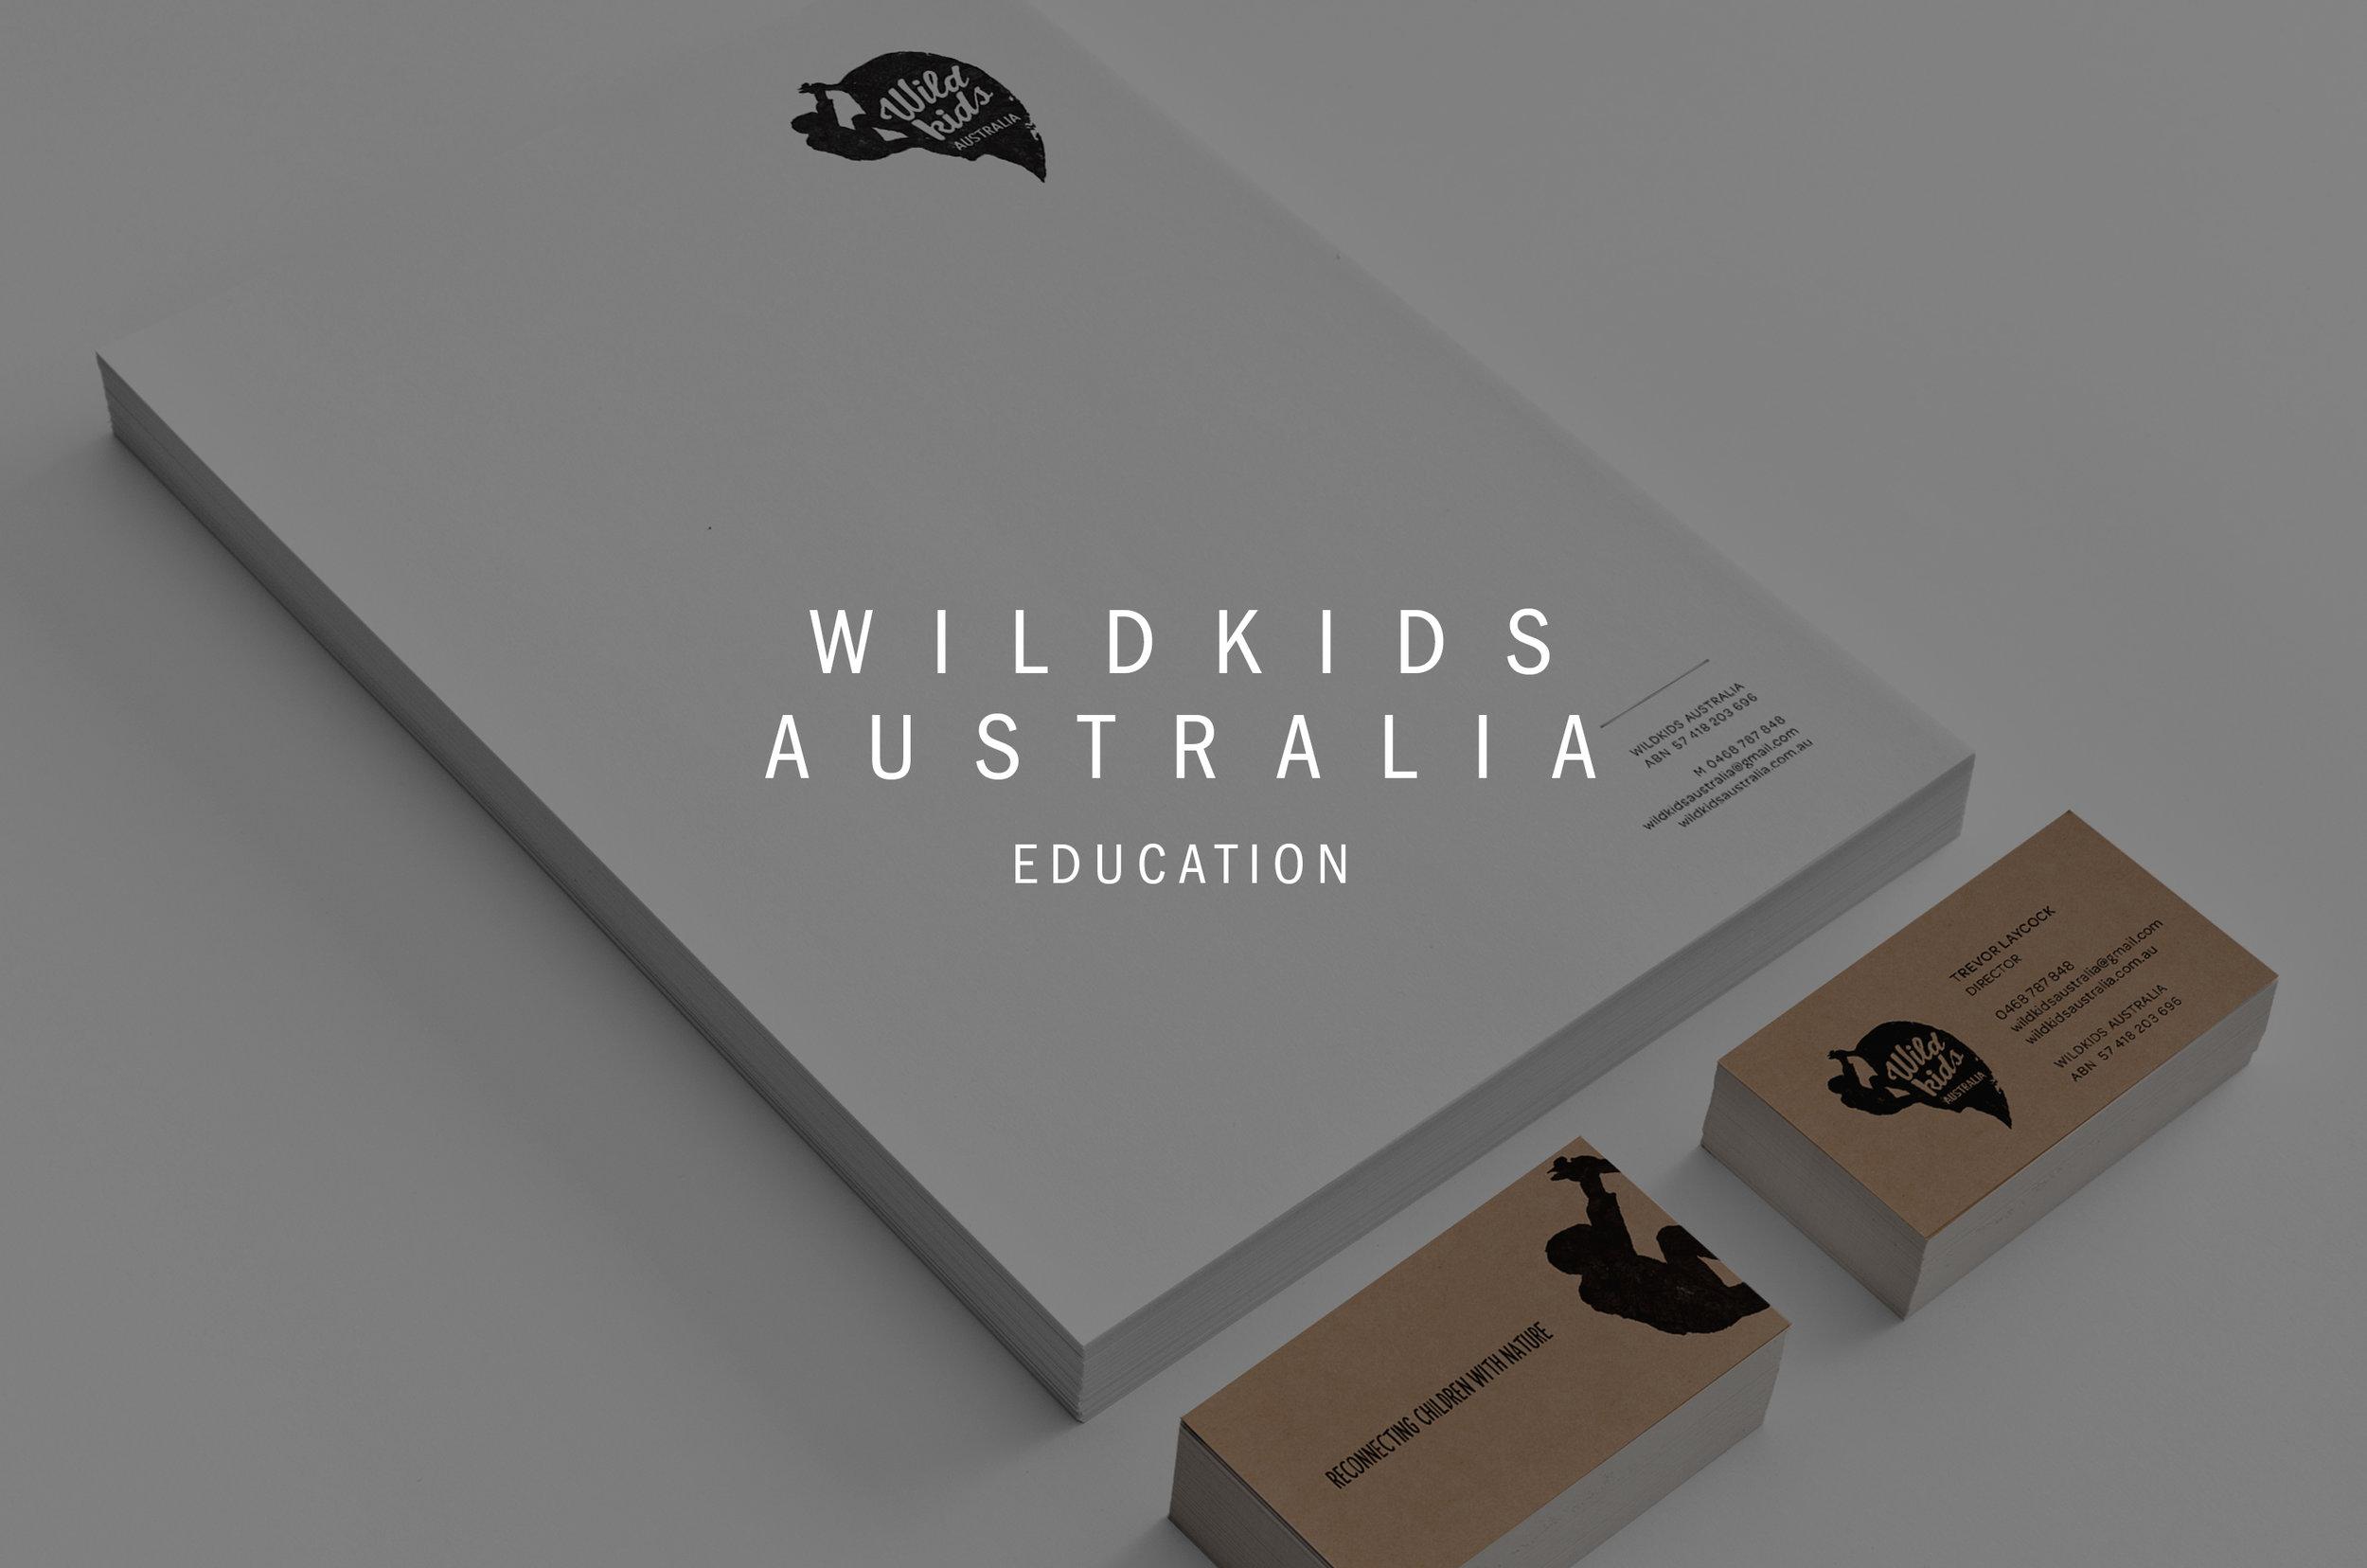 Wildkids Australia